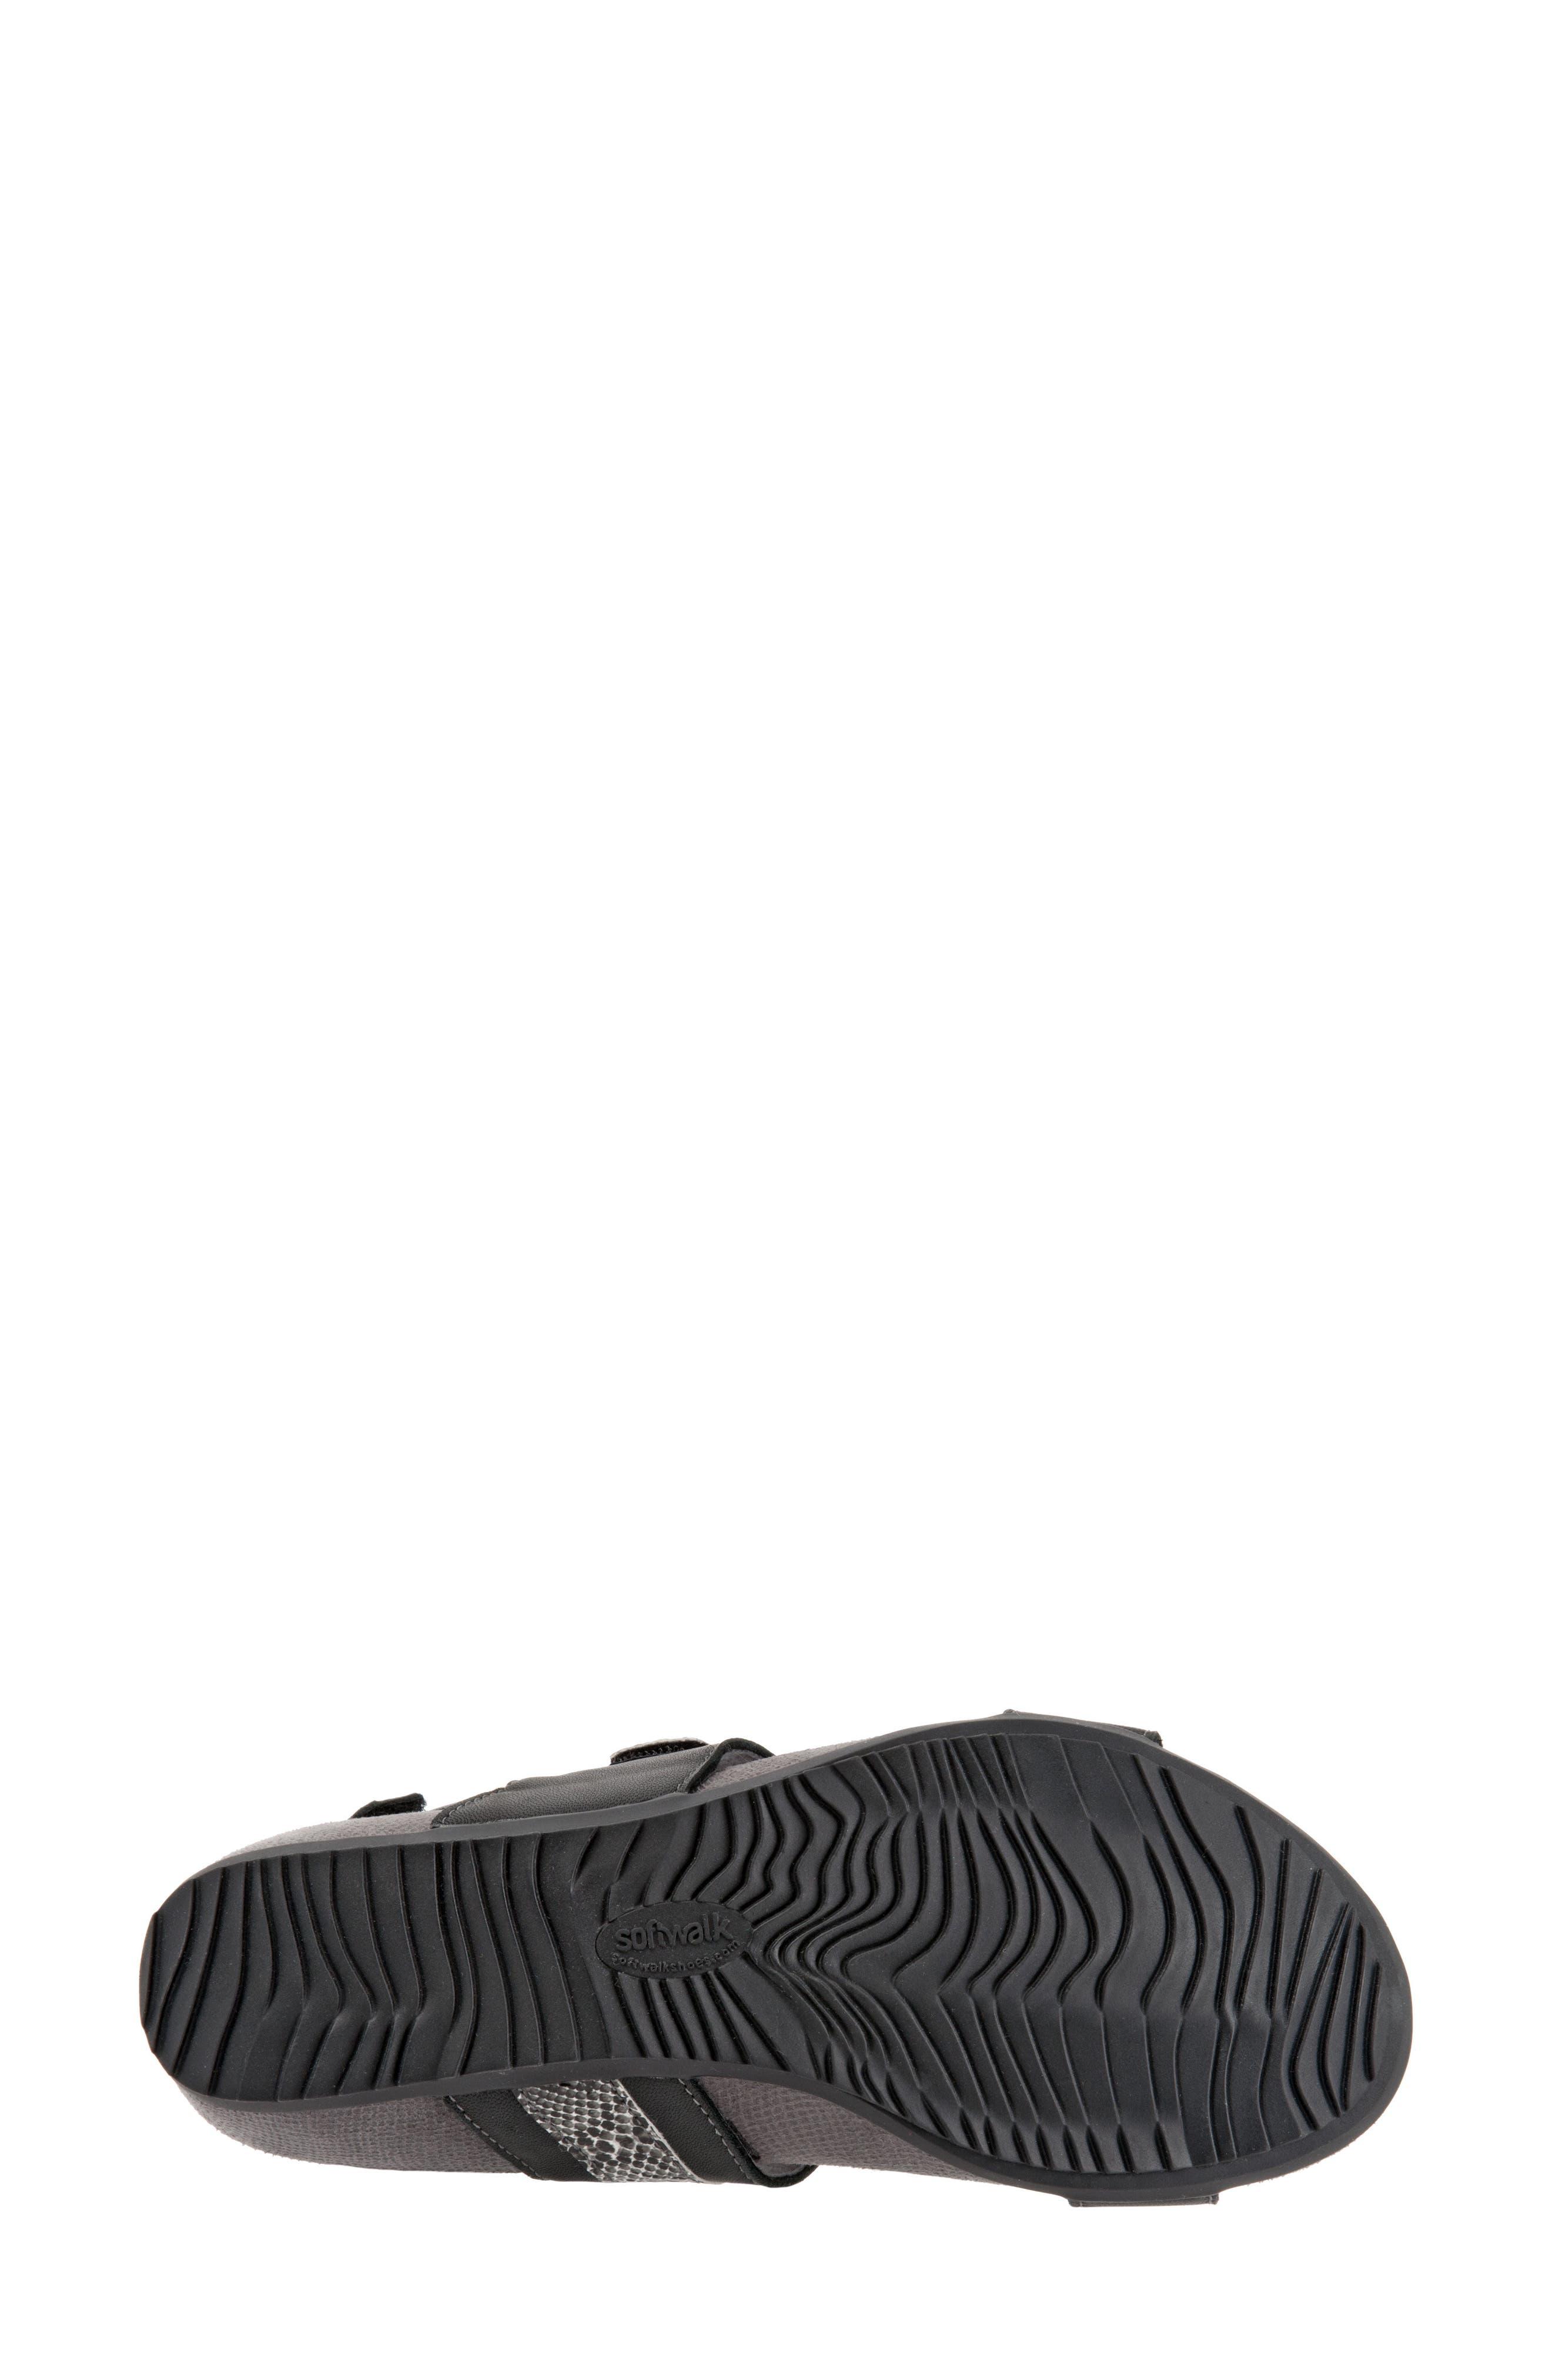 Bimmer Sandal,                             Alternate thumbnail 6, color,                             BLACK LEATHER